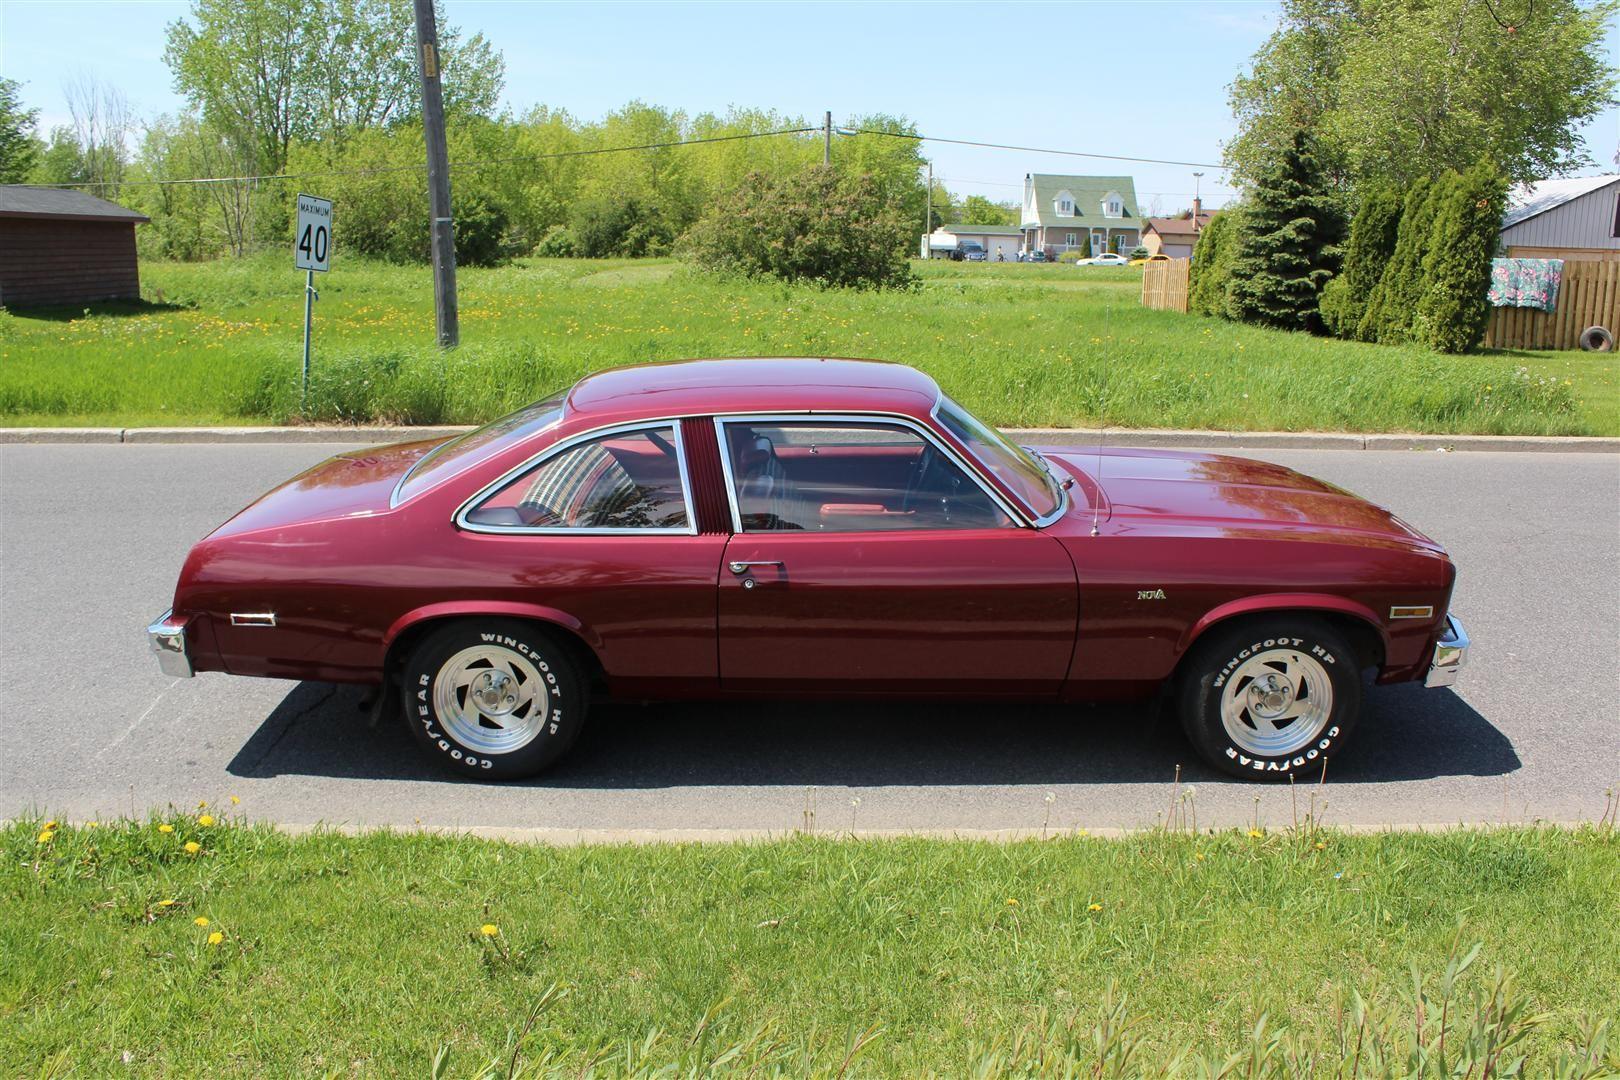 76 Nova Vendre Chevrolet Nova 1976 2porte Automatique V8 305 61 000mi Chevy Nova Nova Car Chevrolet Nova